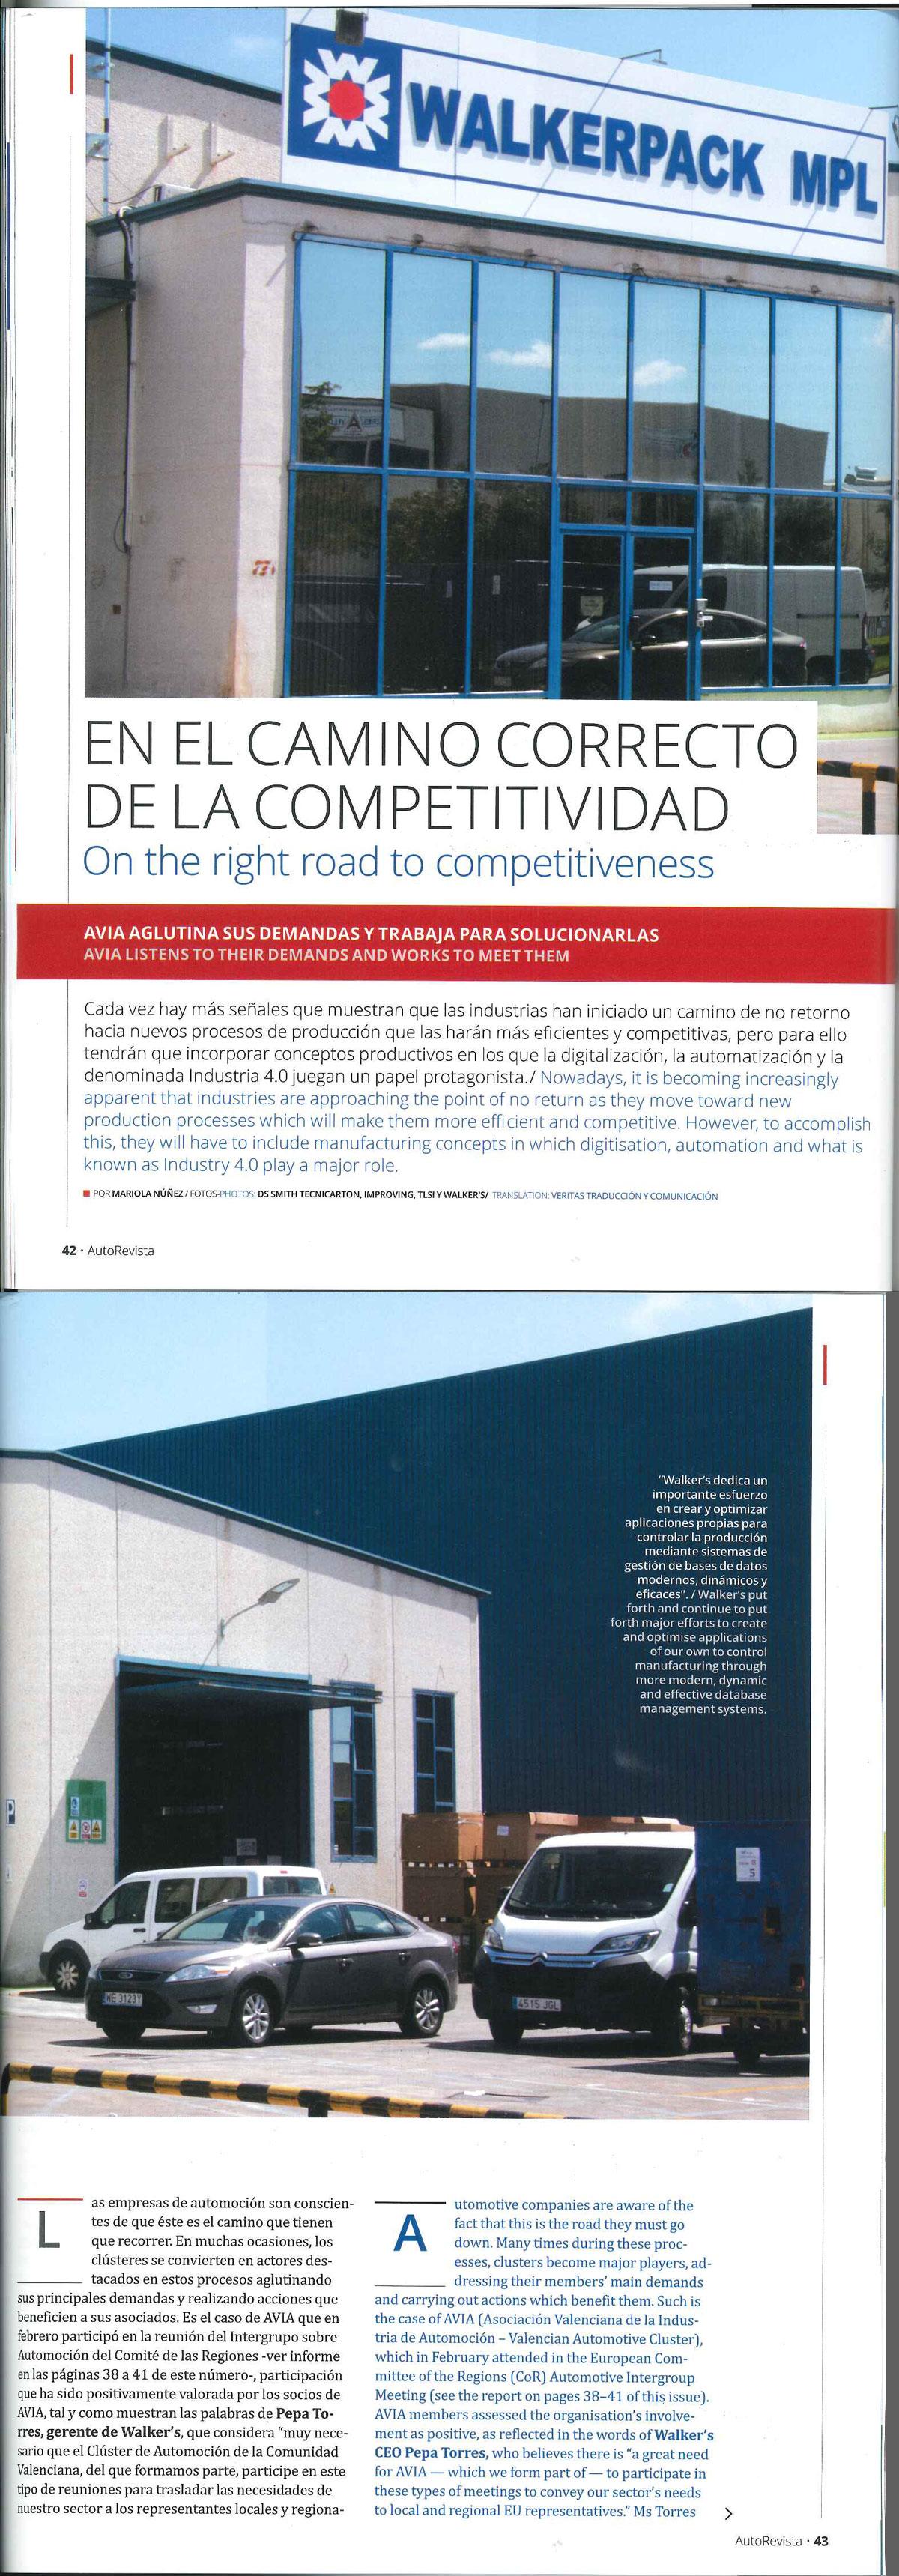 Walker´s en el camino correcto de la competitividad